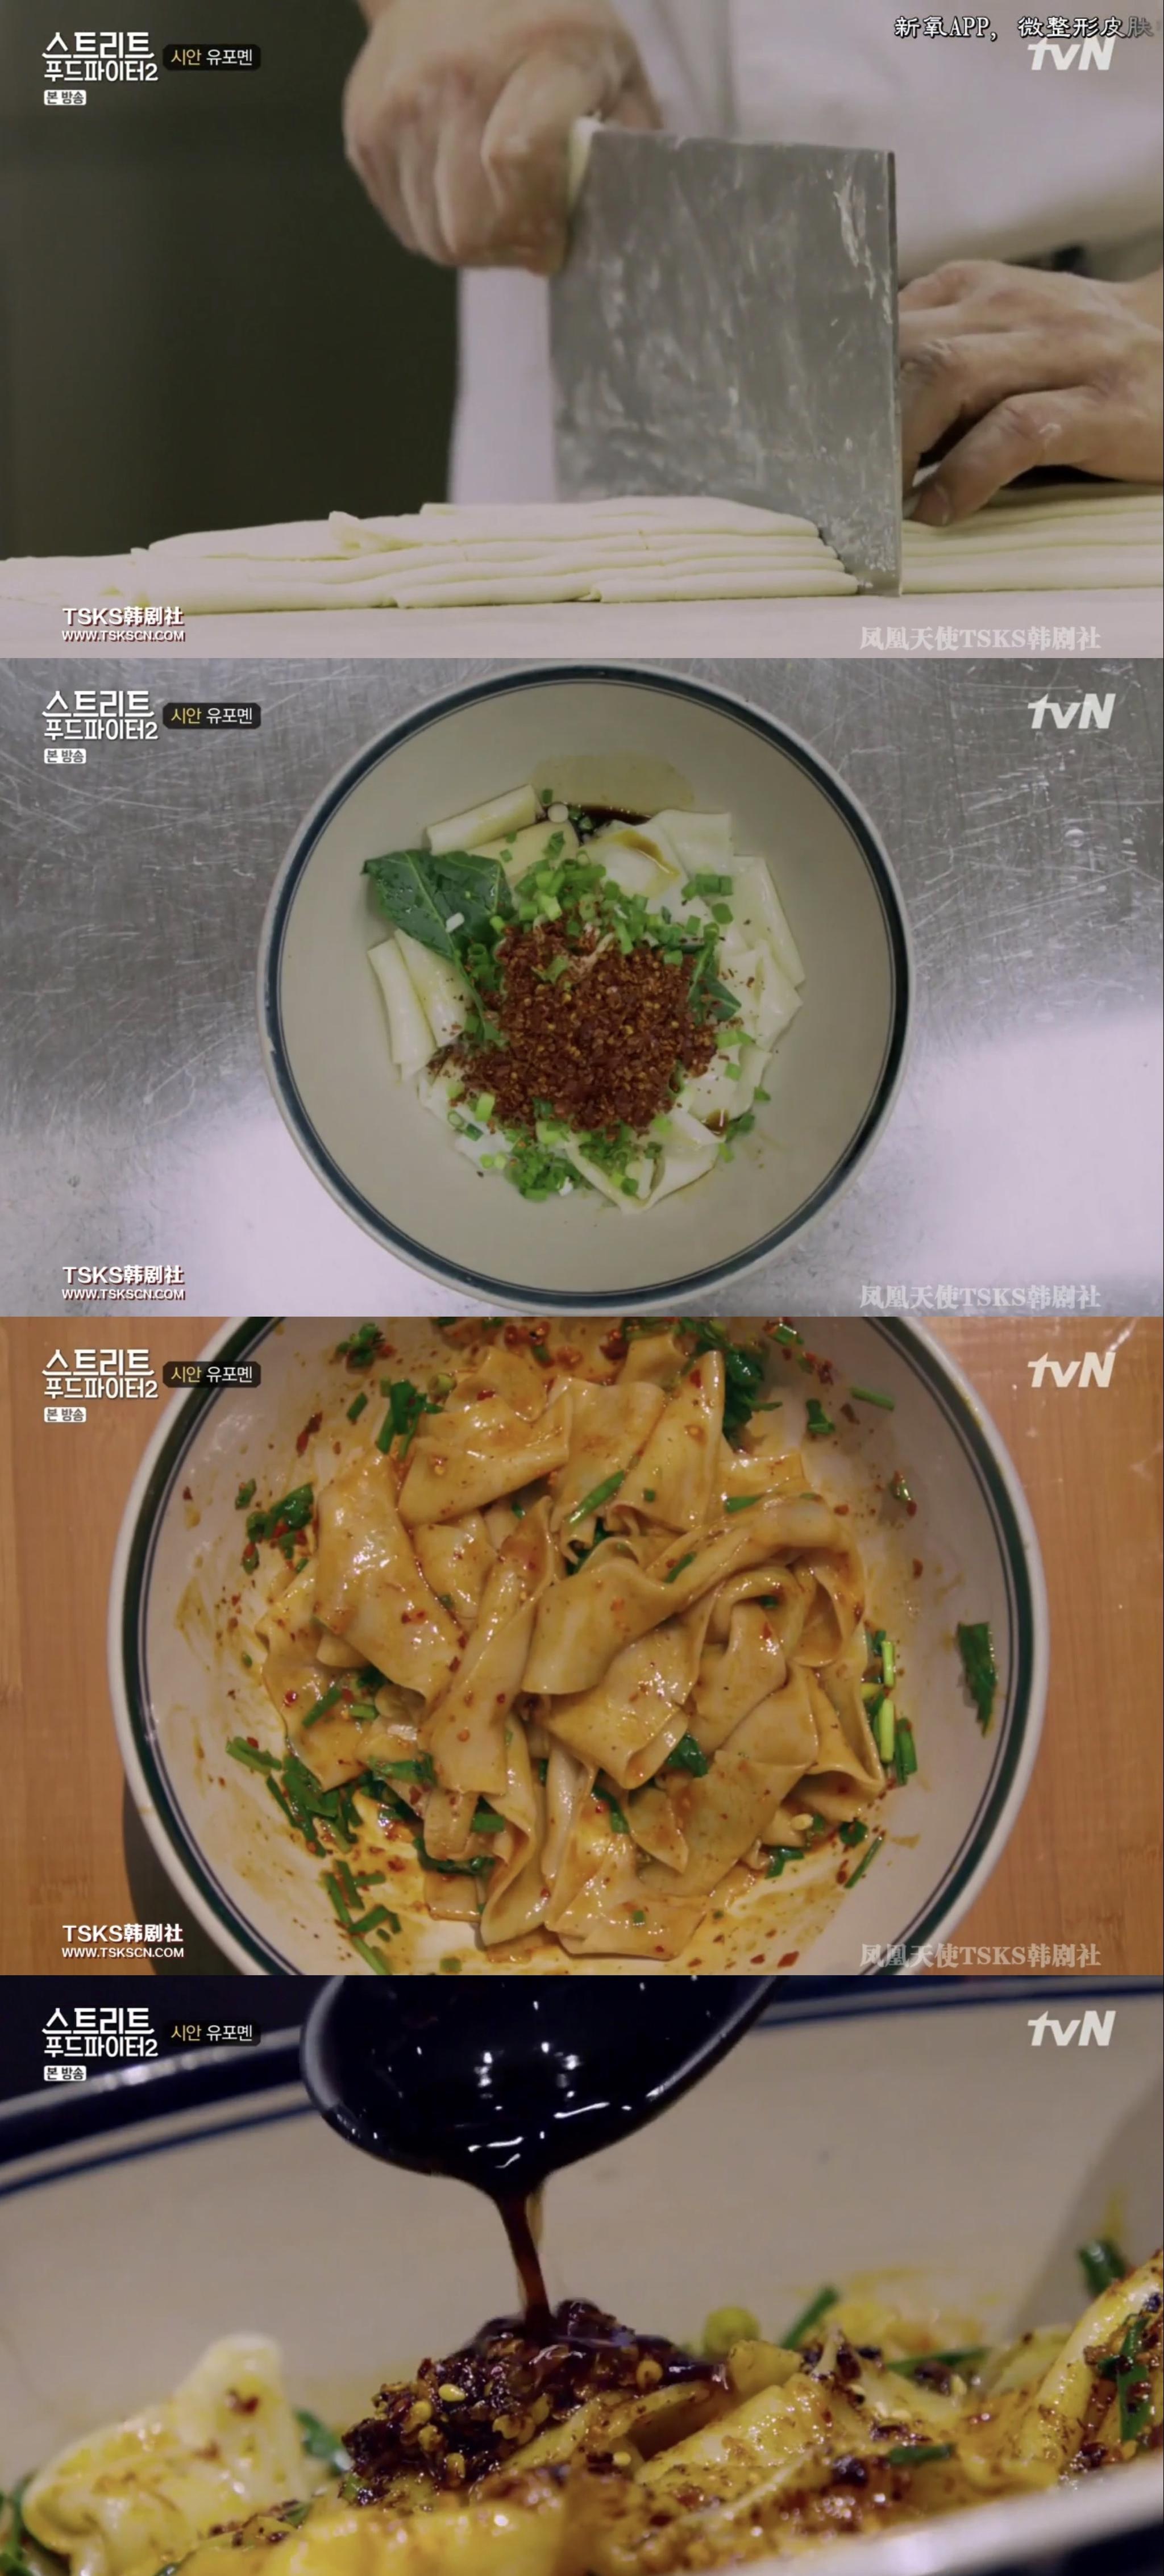 强势推荐白钟元老师的美食节目《街头美食斗士》第二季推出了中国西安